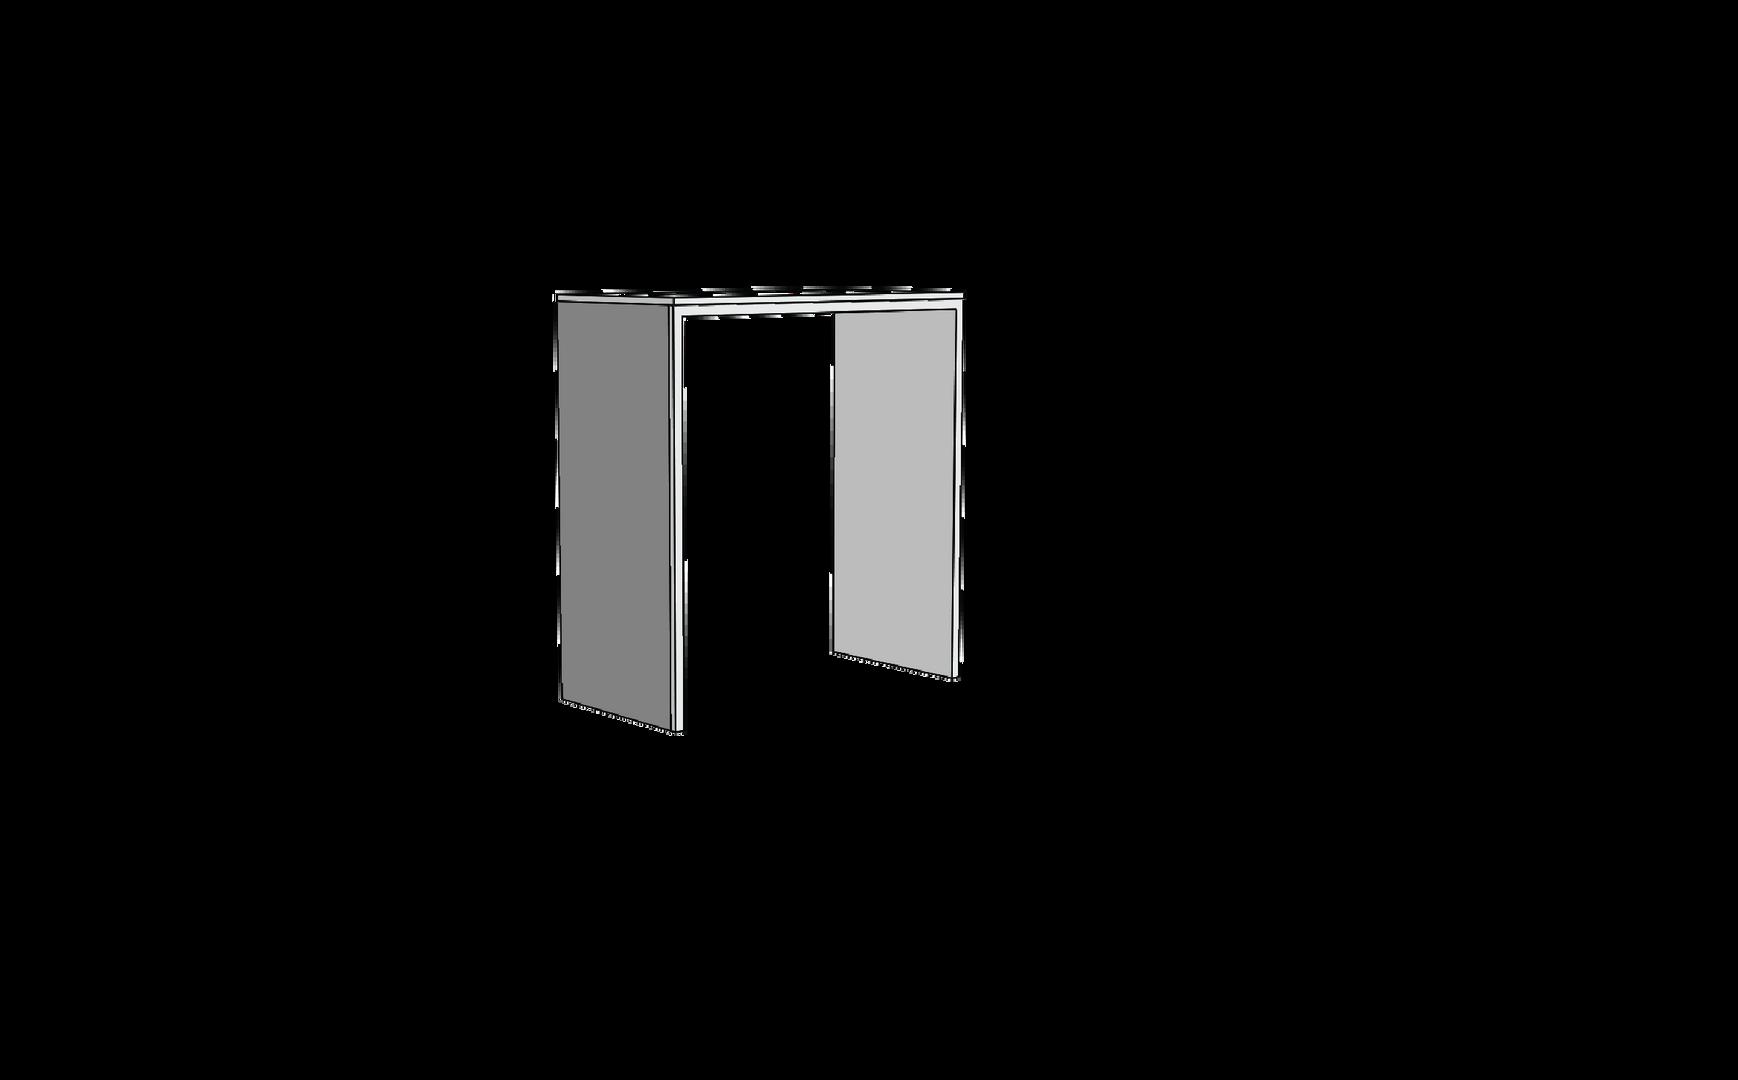 Unit Code: TLW1